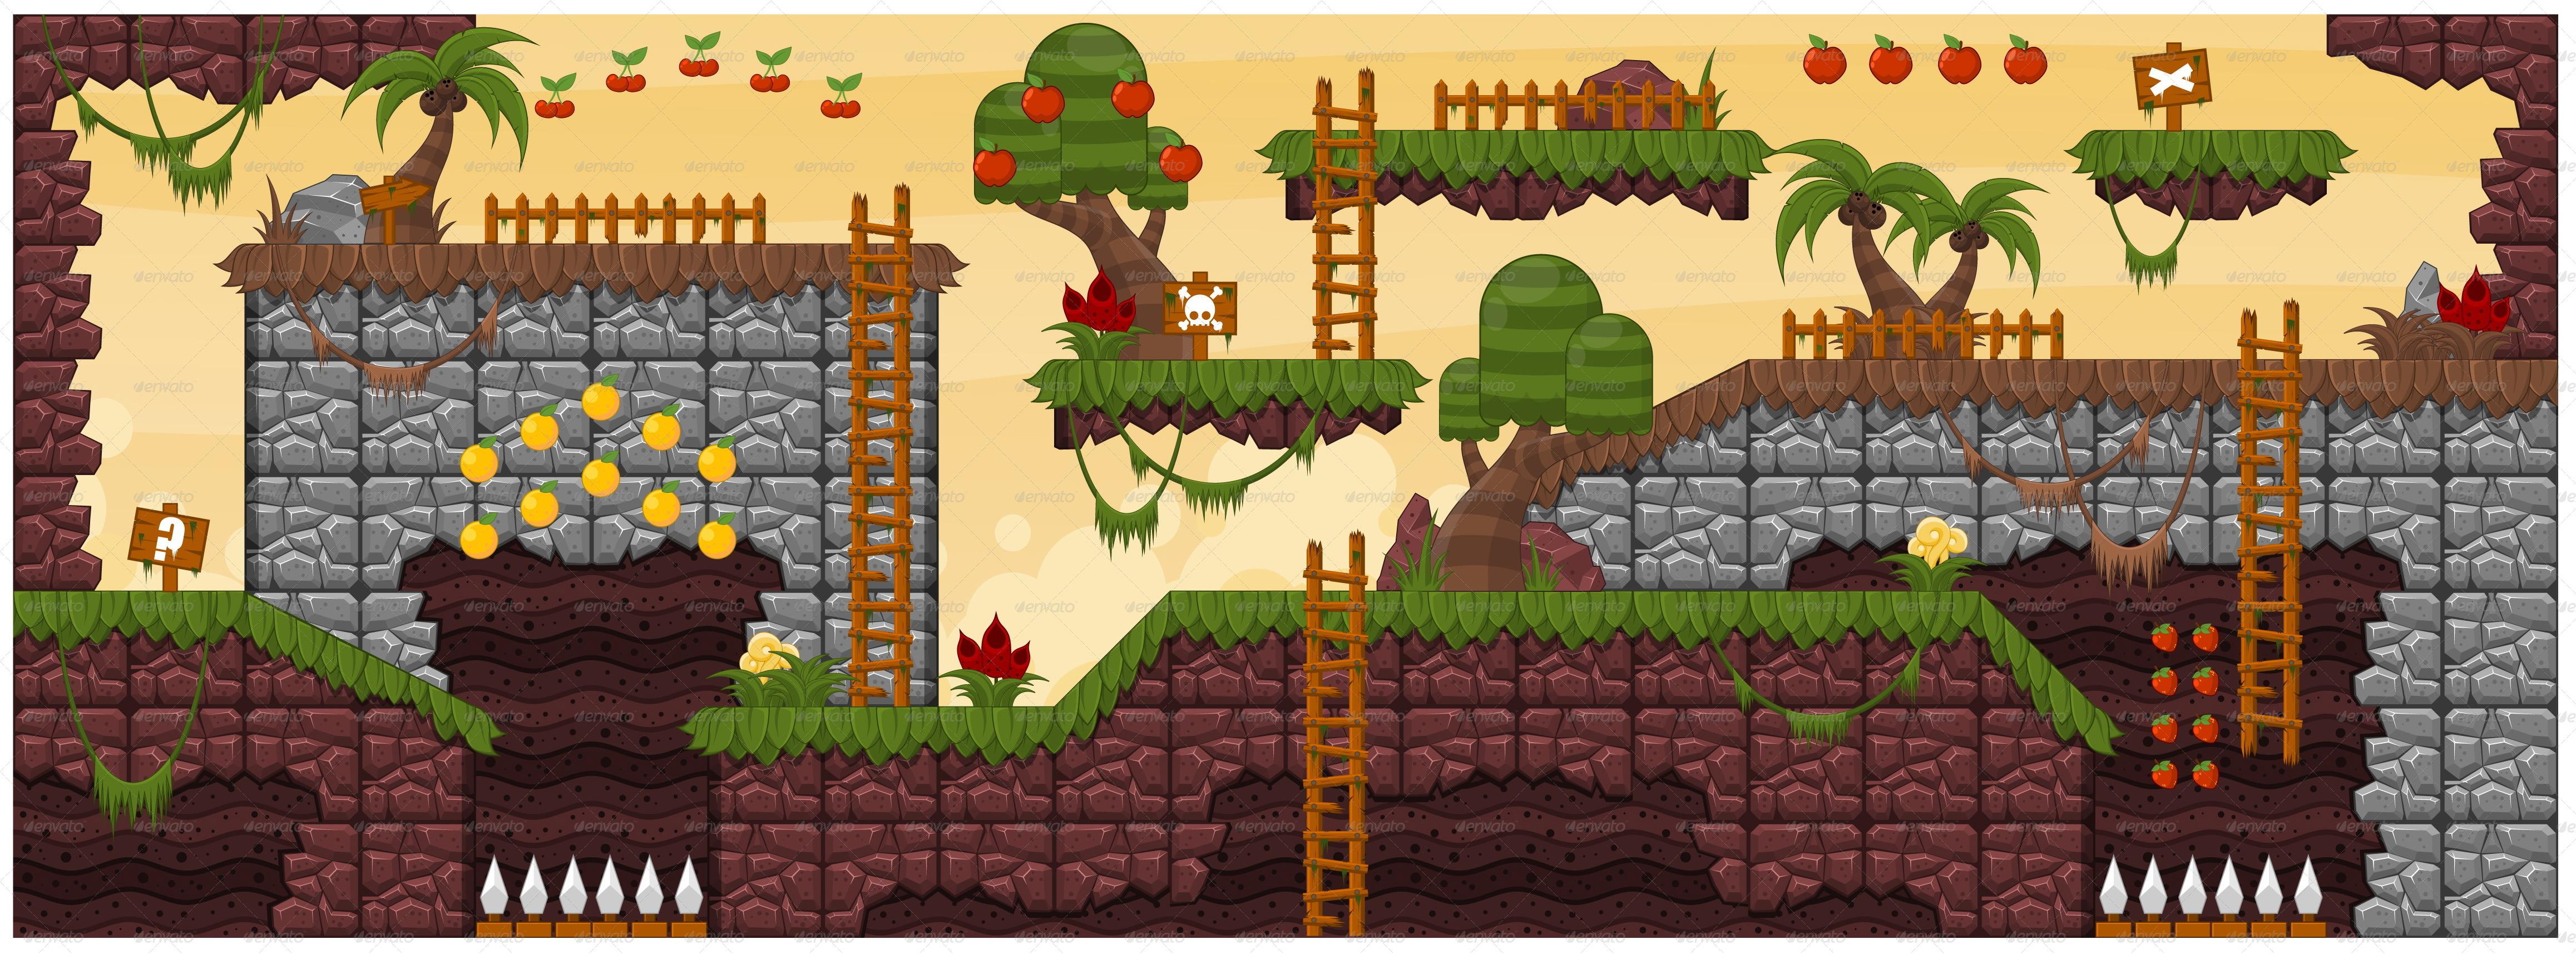 Platformer Game Tile Set 6